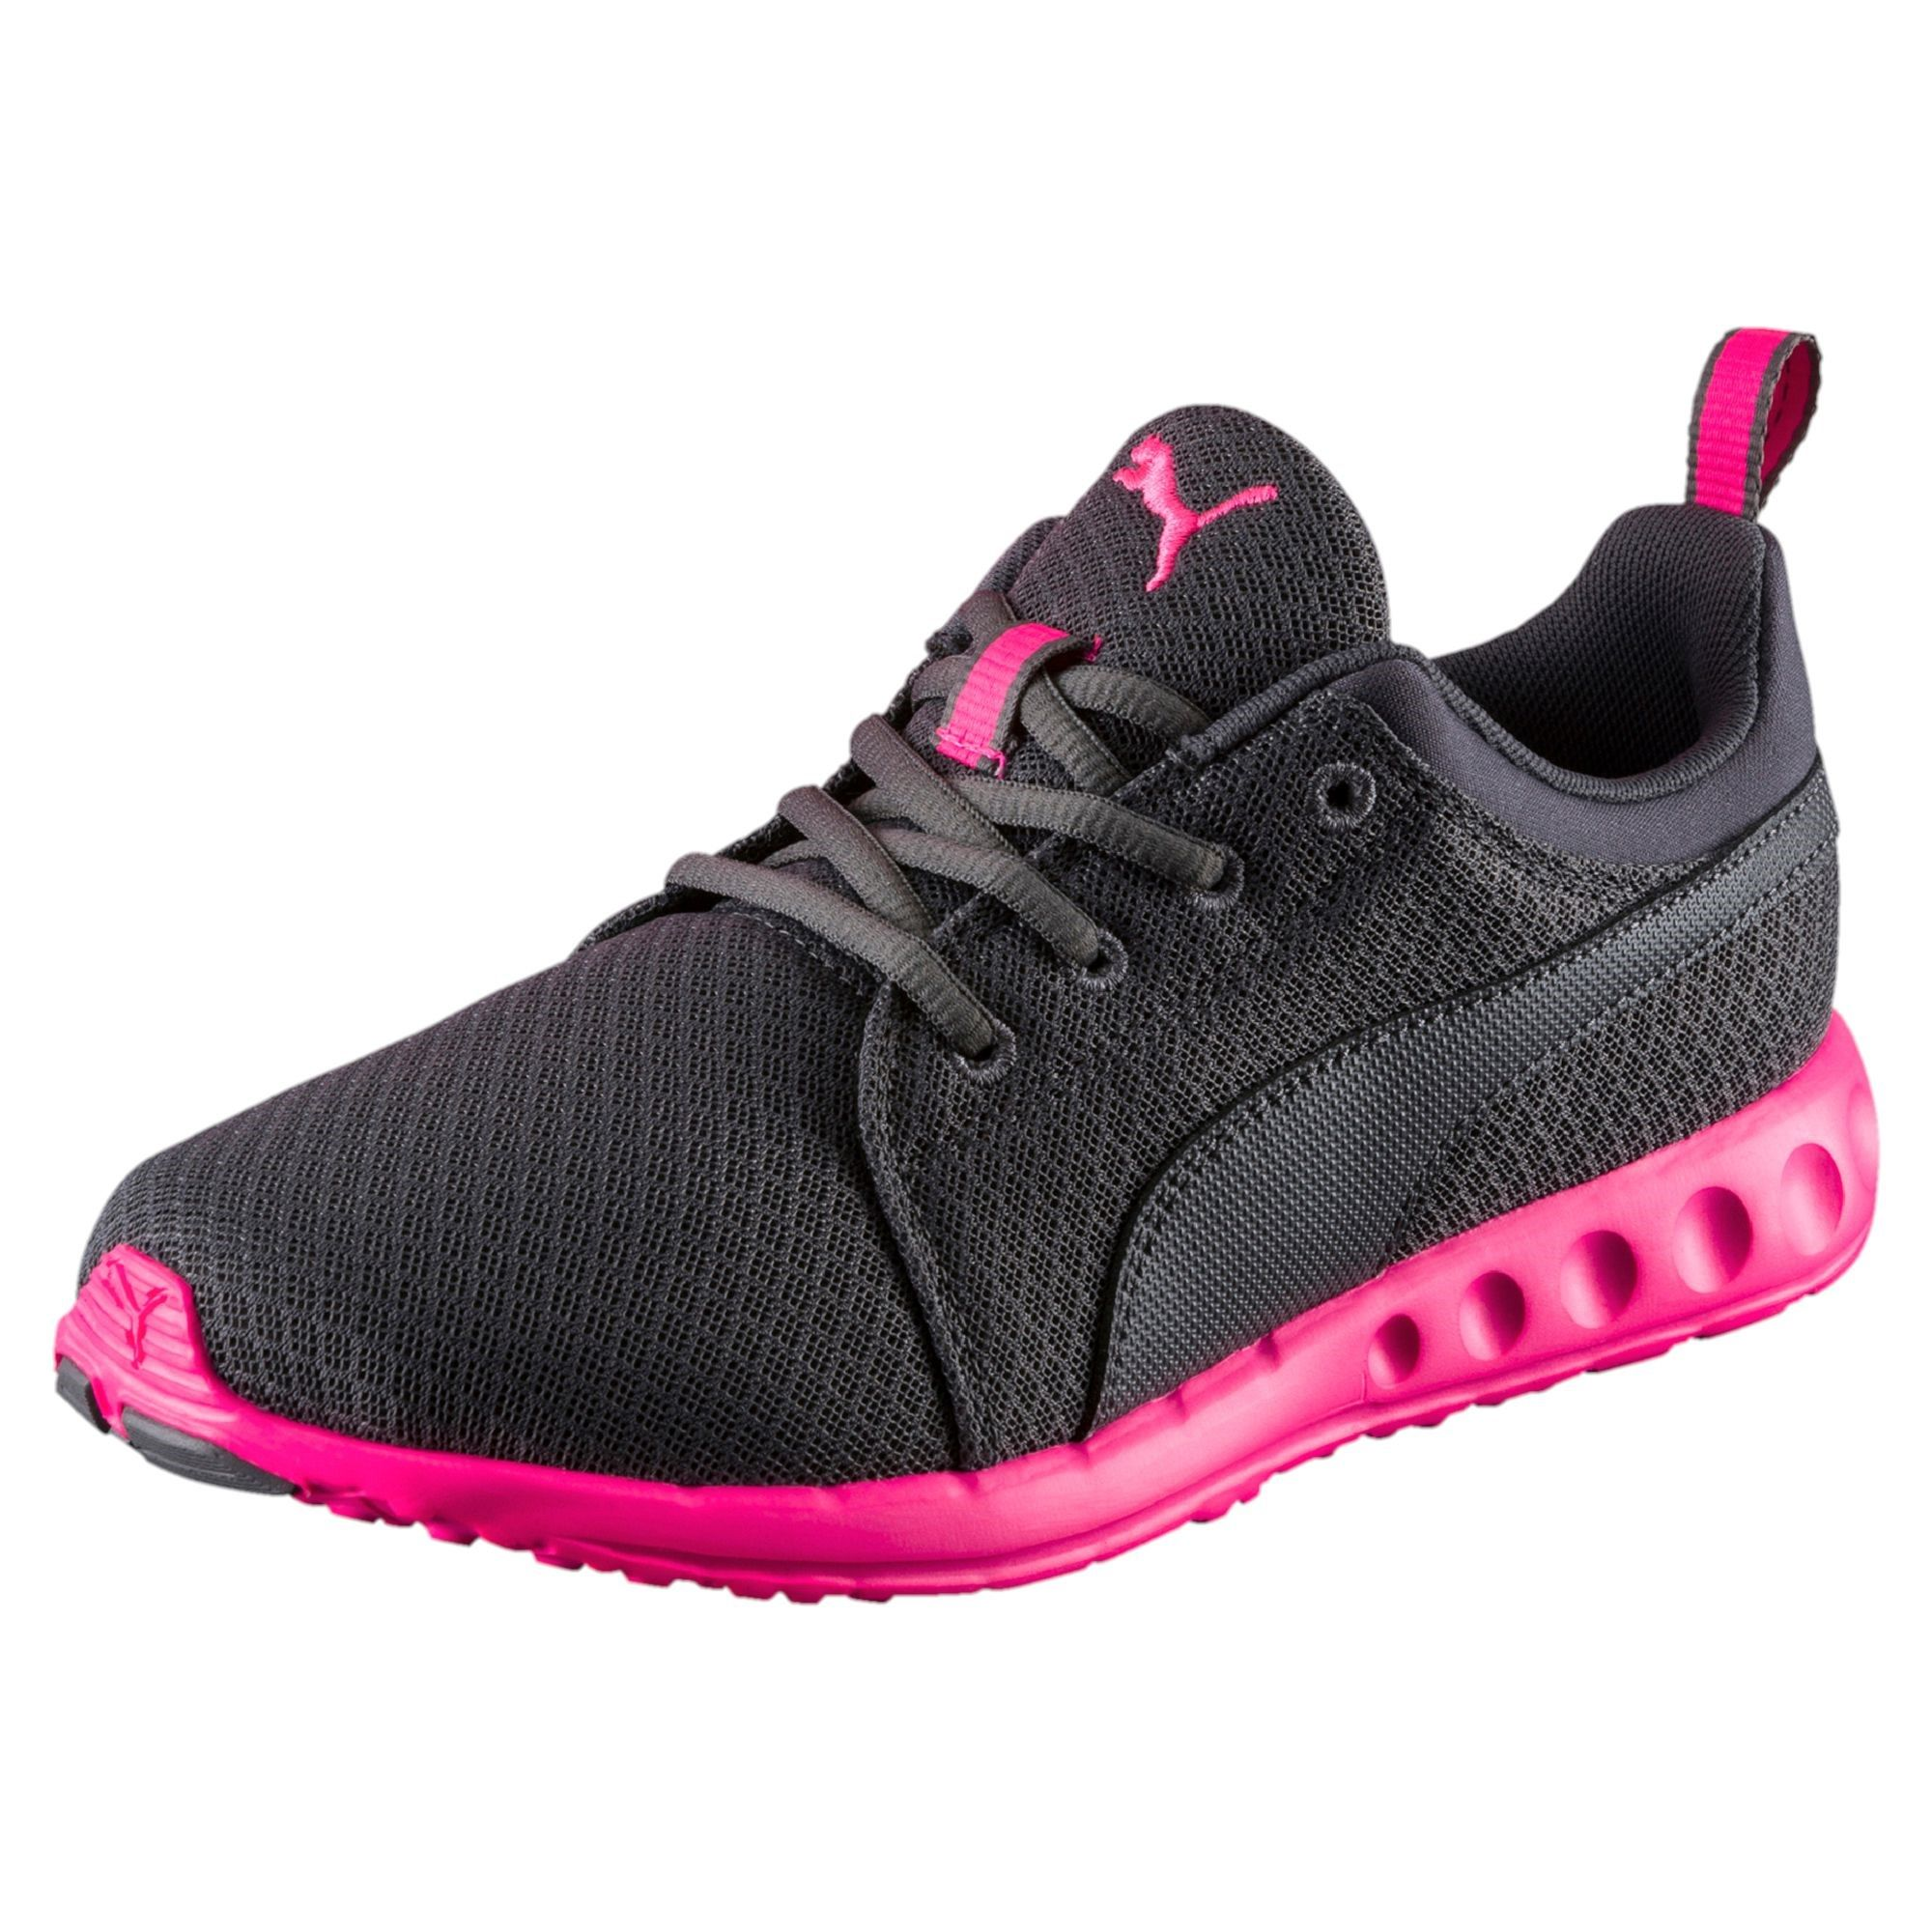 caf9f3dd99e Puma Carson Mesh Kadın Koşu Ayakkabısı Gri 18902506 | Ayakkabılar ...